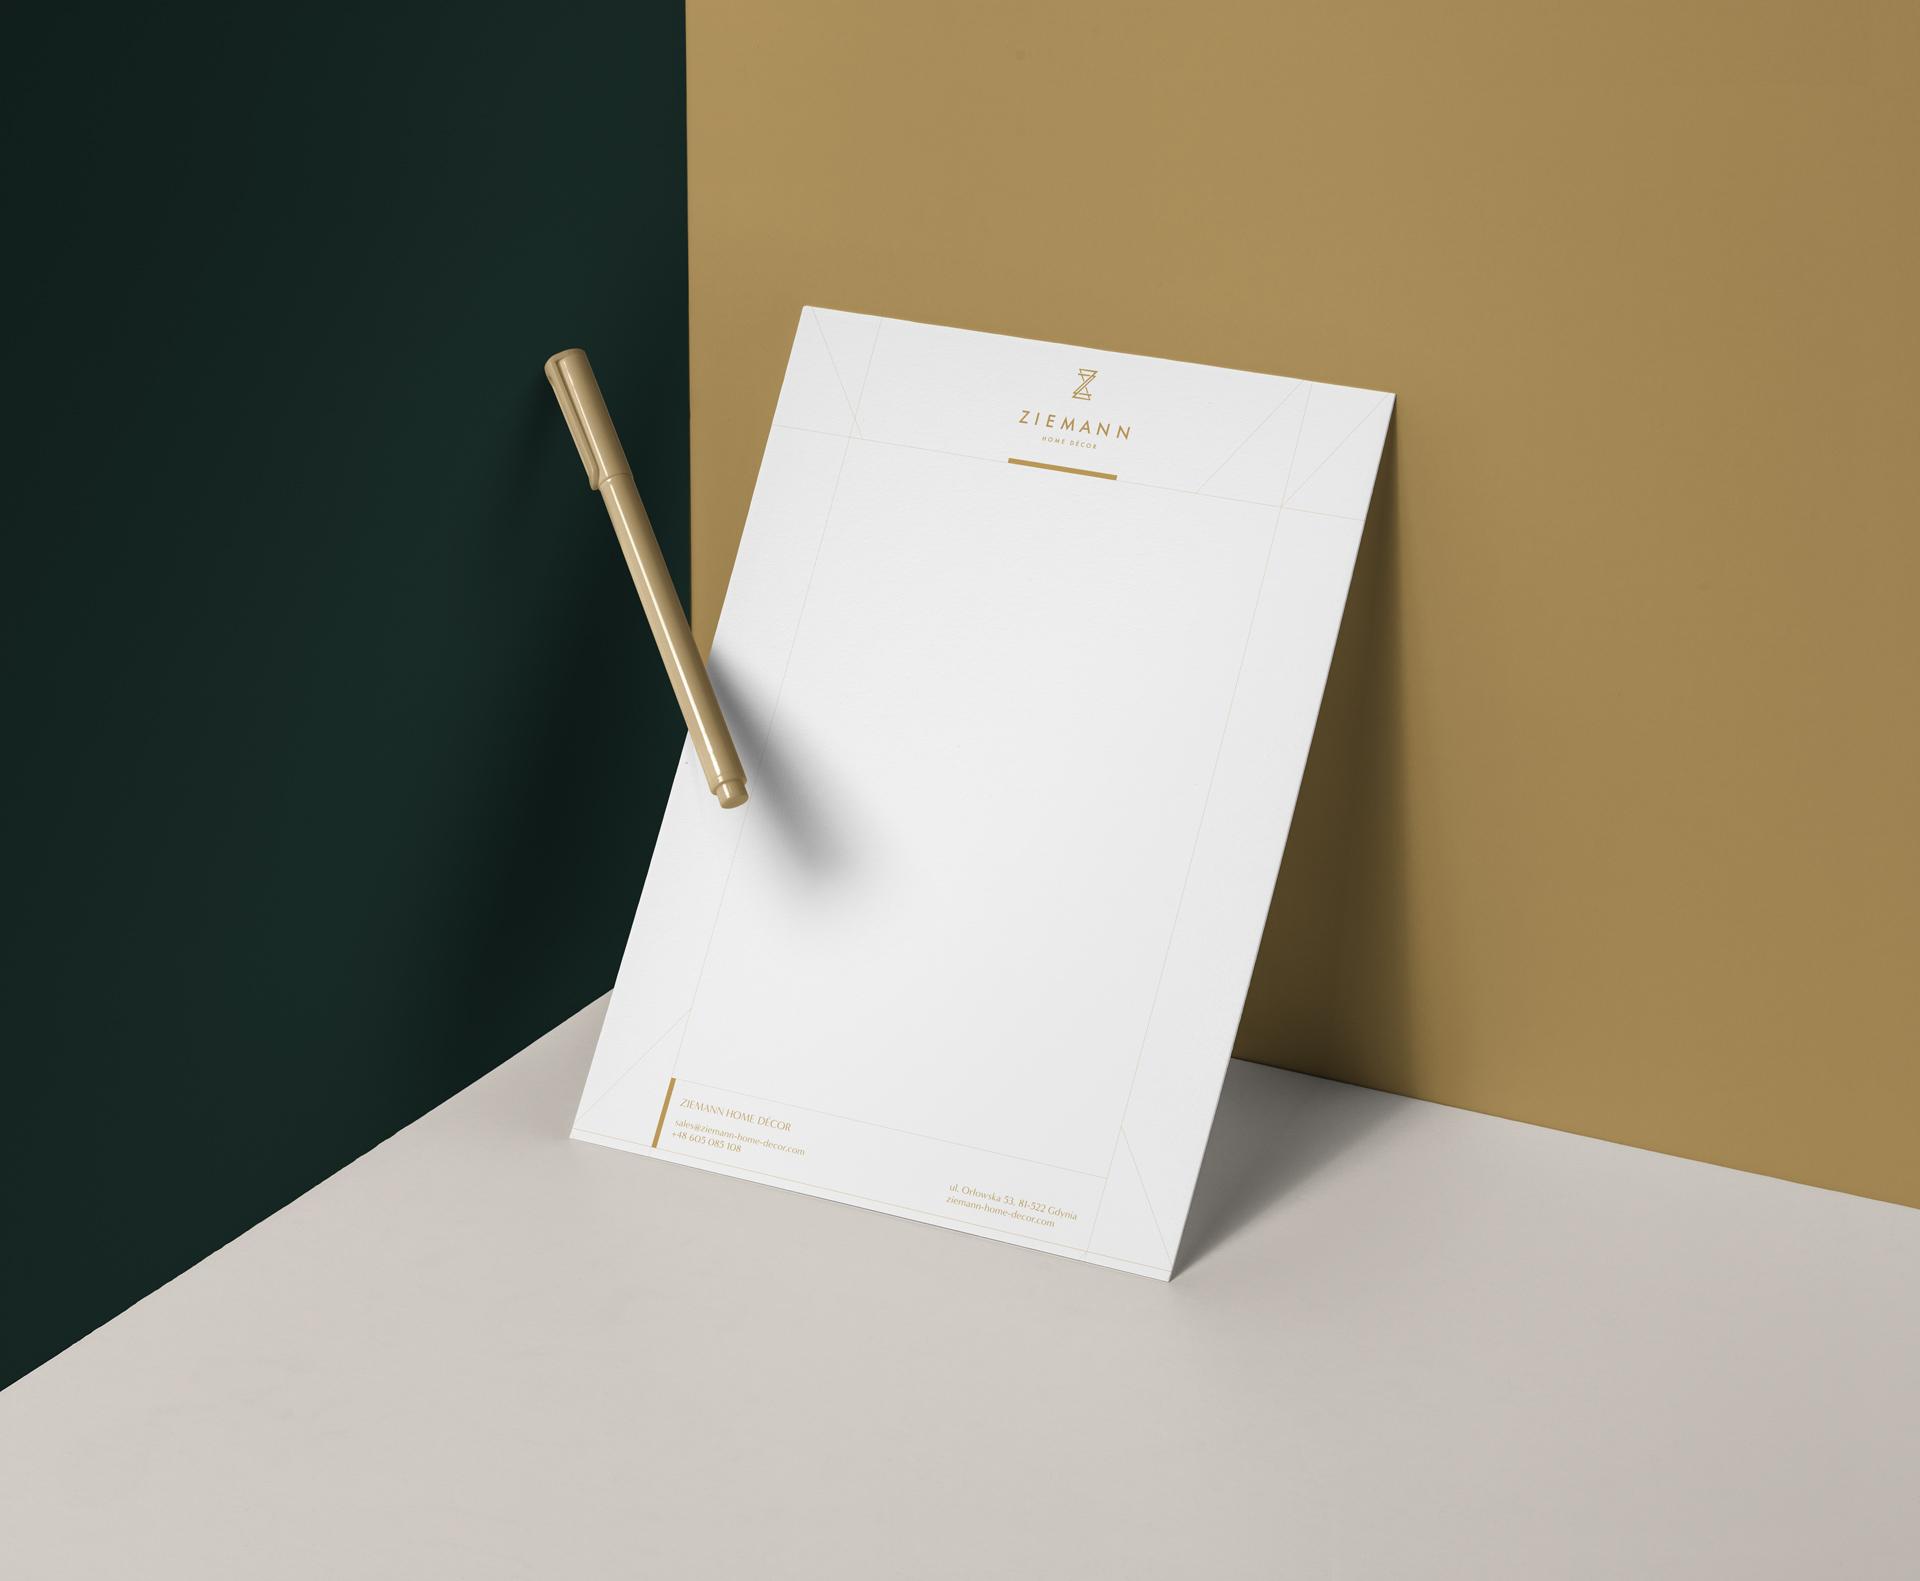 papier firmowy projekt premium Trójmiasto